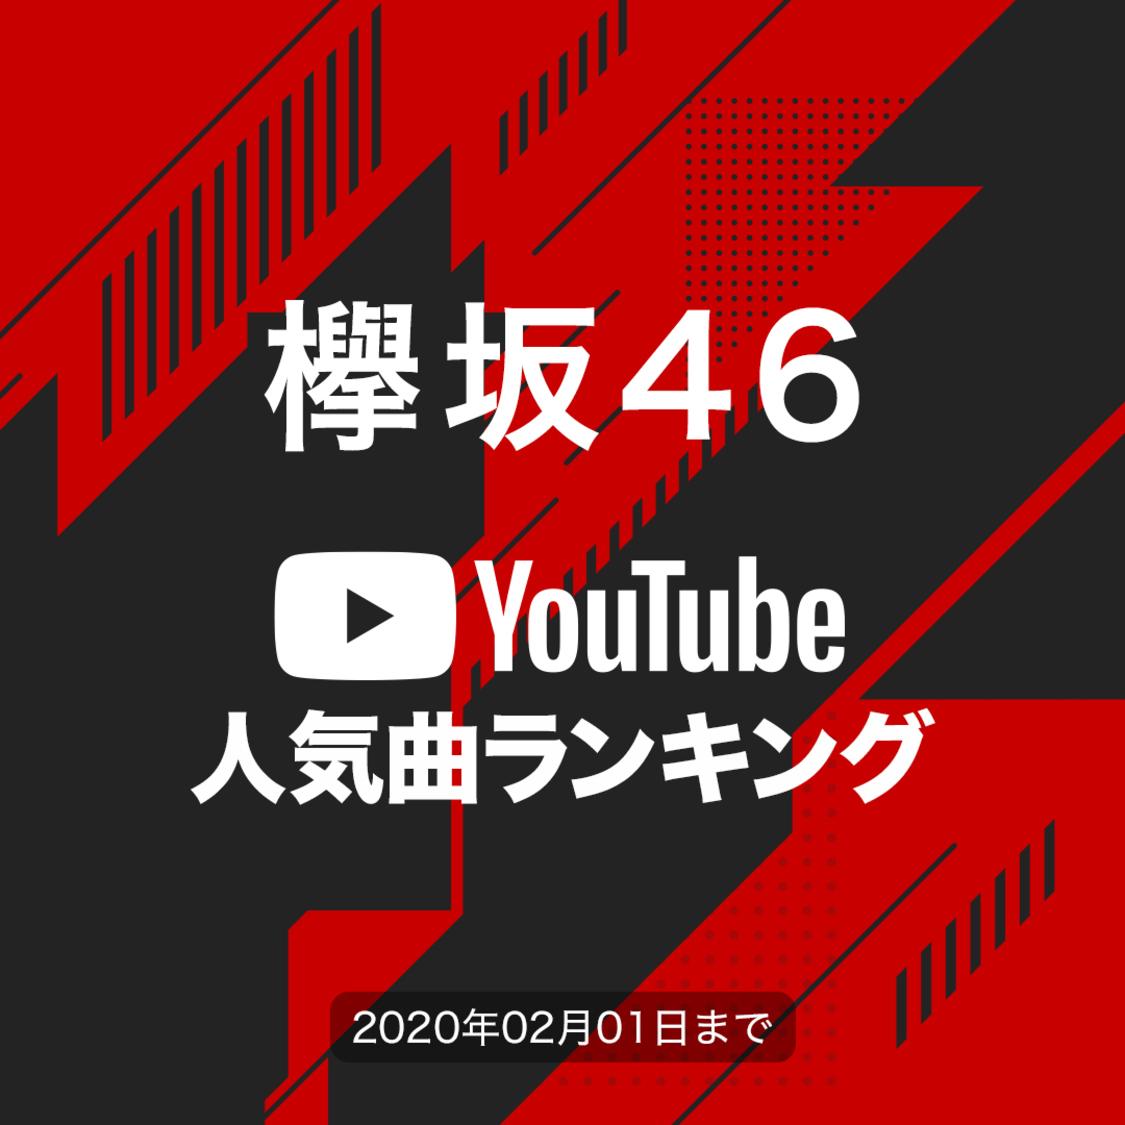 欅坂46[YouTube人気曲ランキング]再生回数が1番多い曲は?